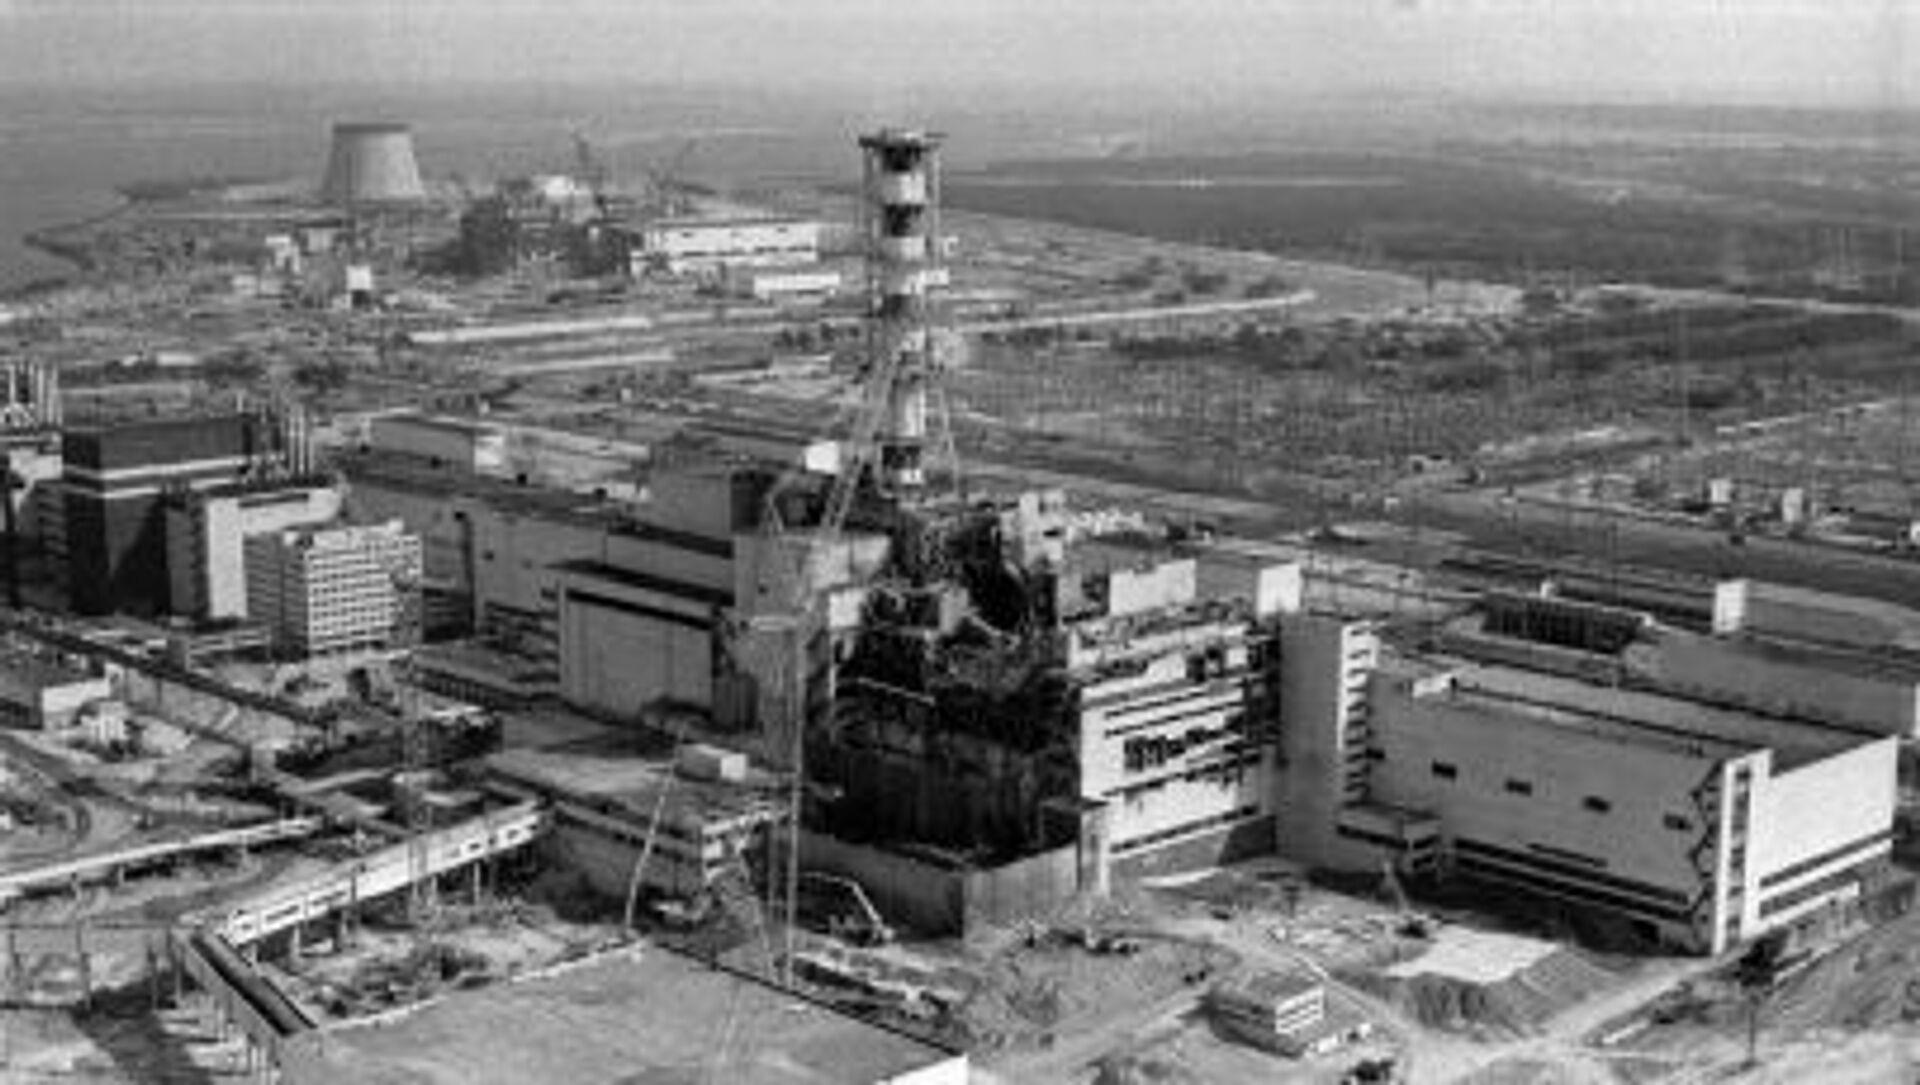 Katastrofa w elektrowni jądrowej w Czarnobylu - Sputnik Polska, 1920, 26.04.2021